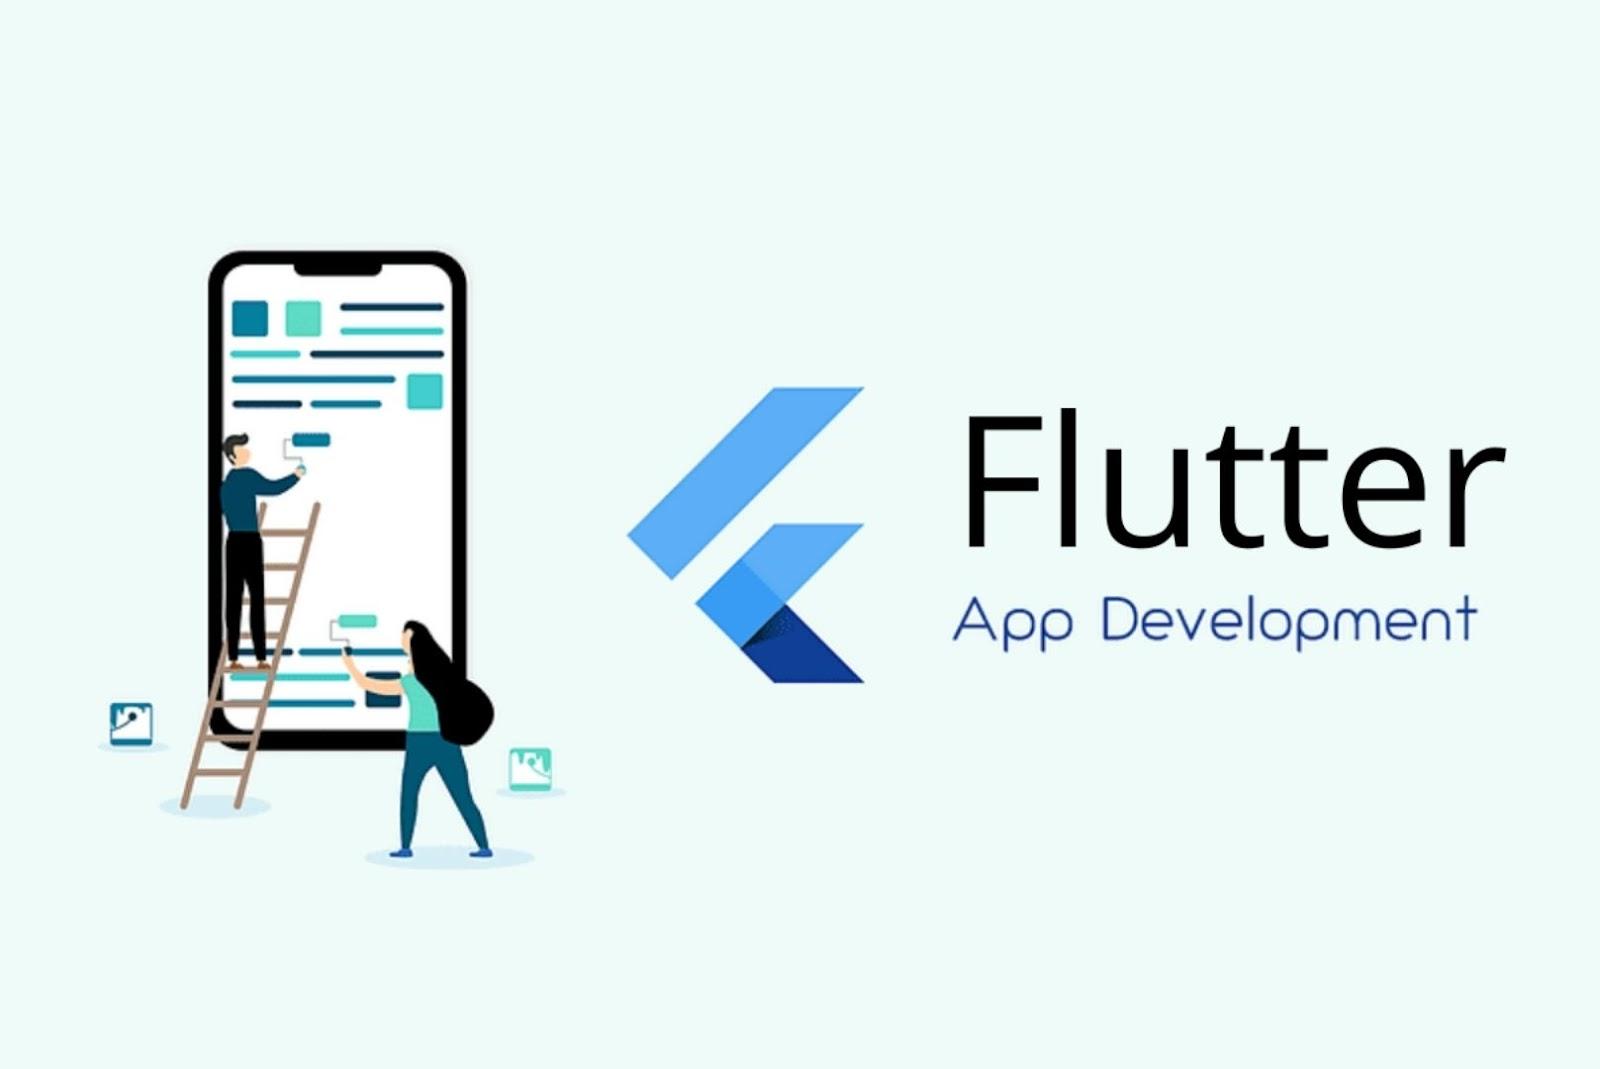 Flutter Javascript framework